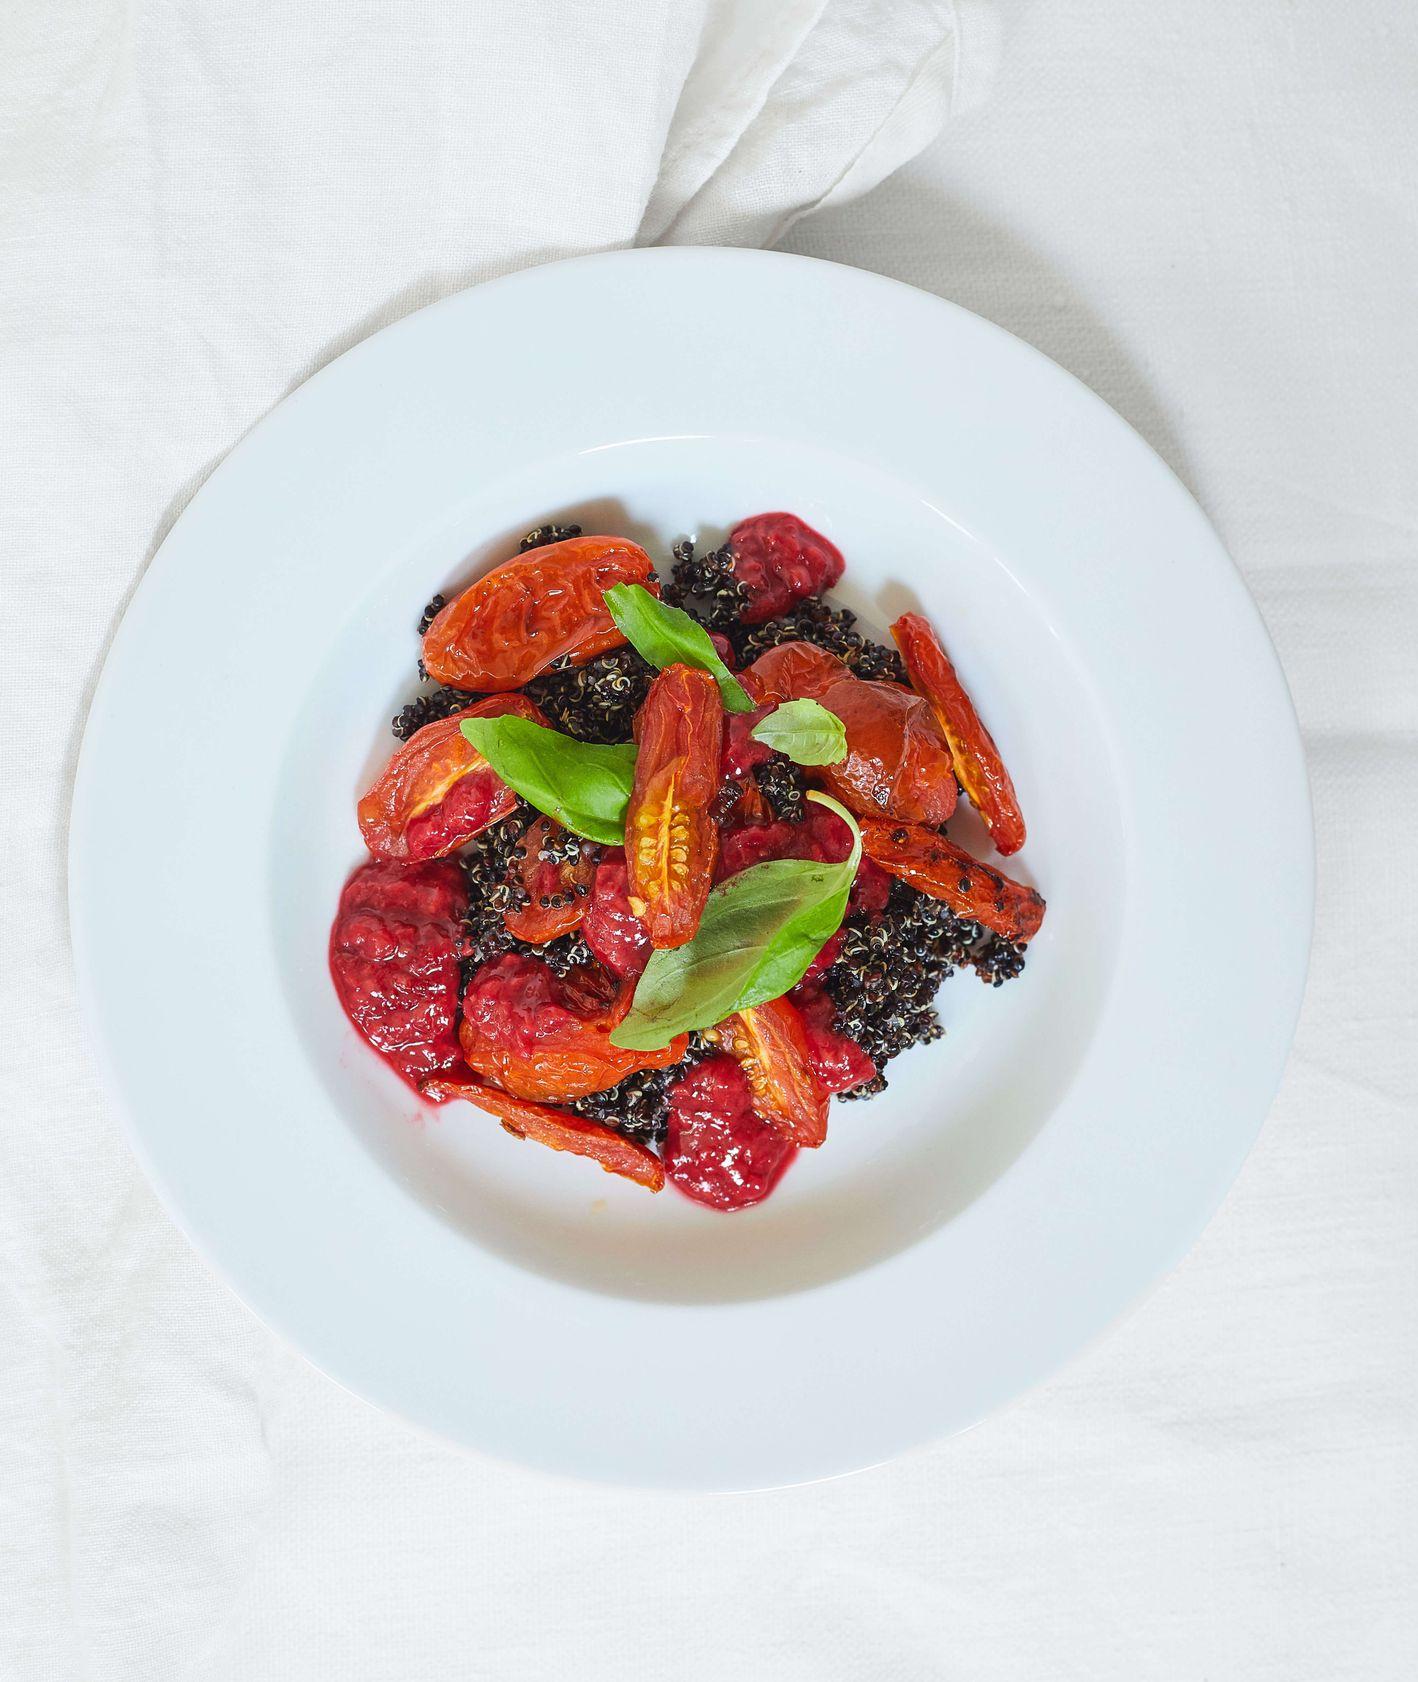 Sałatka z czarną komosą, pomidorami, malinami i bazylią (fot. Maciek Niemojewski)